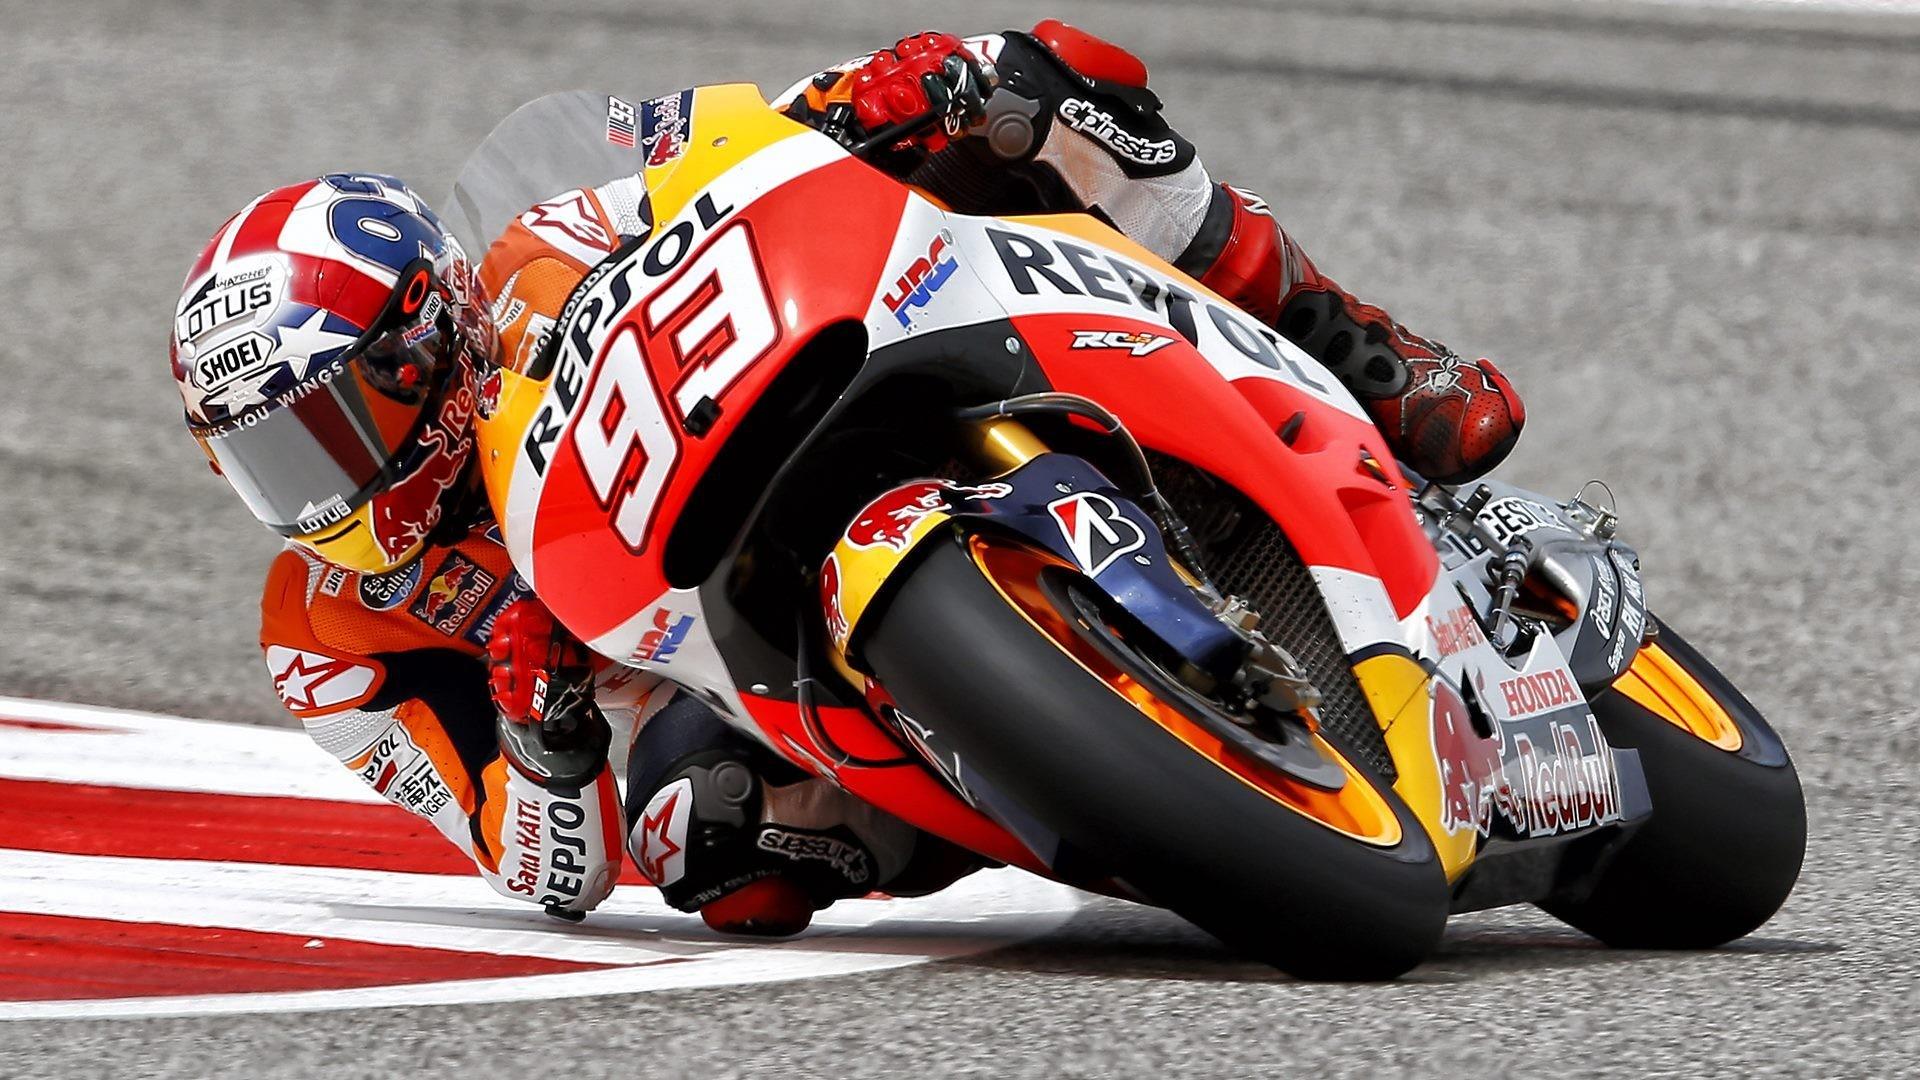 Marc Marquez HD wallpaper – MotoGP COTA Austin Texas